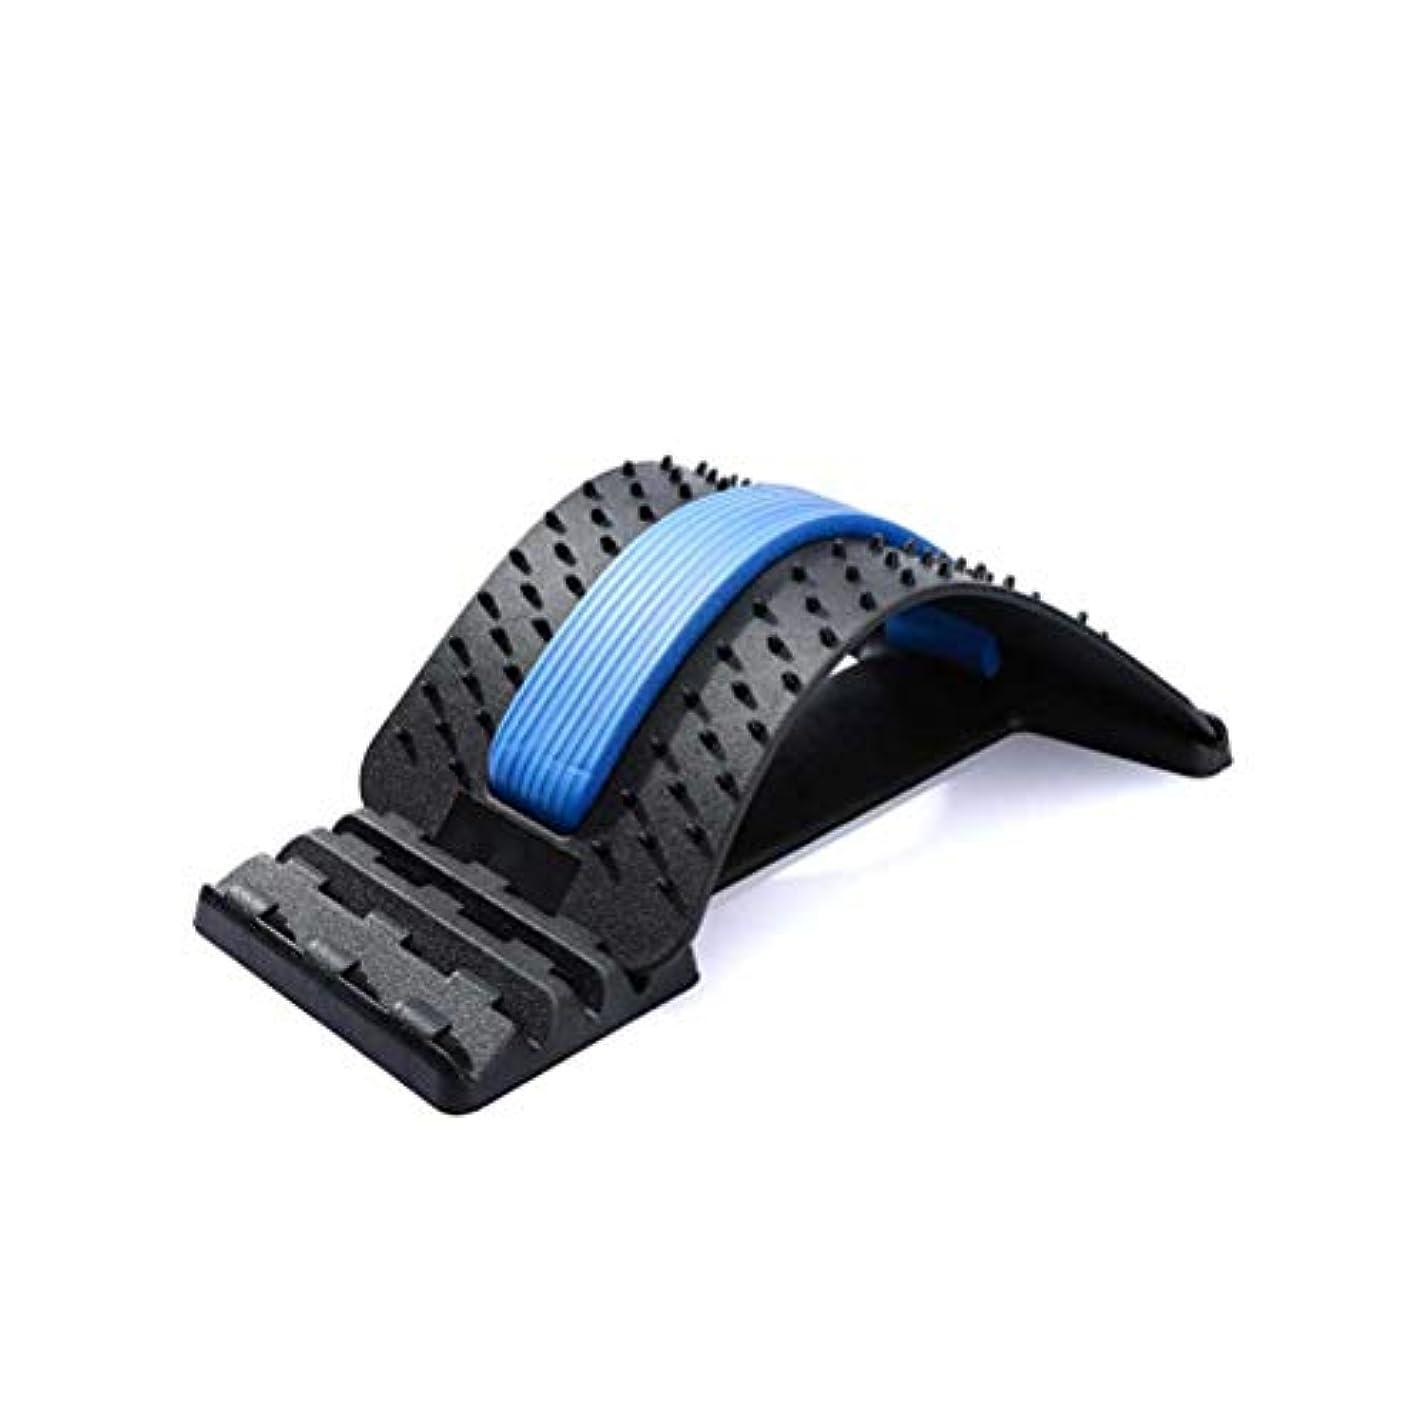 抽選取得アーネストシャクルトンHealifty バックストレッチャー脊椎の痛みを軽減する腰椎牽引ストレッチングデバイス姿勢矯正具